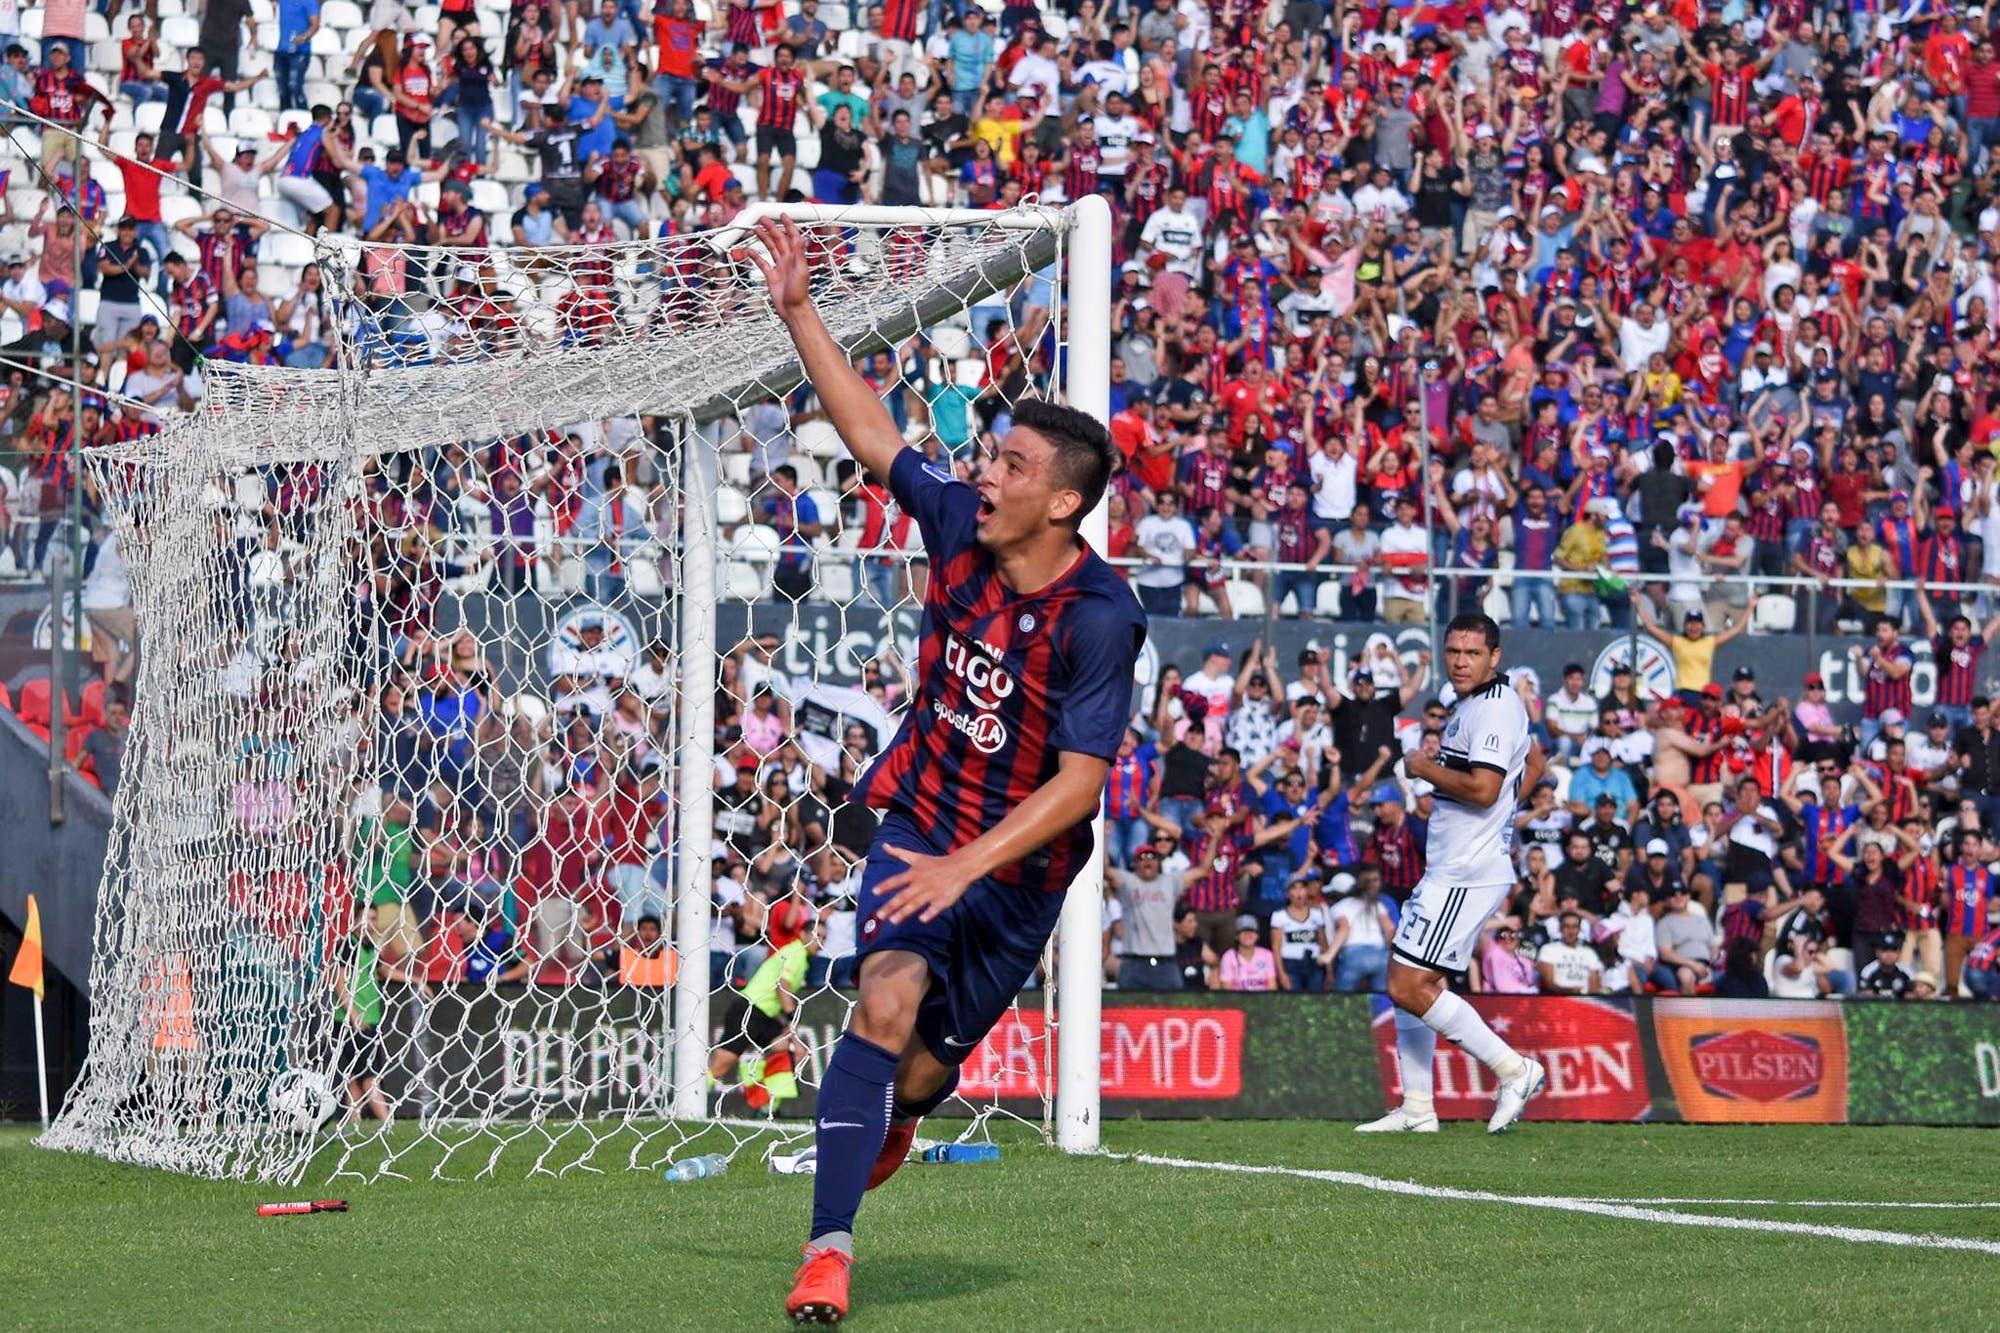 Quién es el chico de 14 años que hizo un gol en el clásico y entró en la historia del fútbol paraguayo